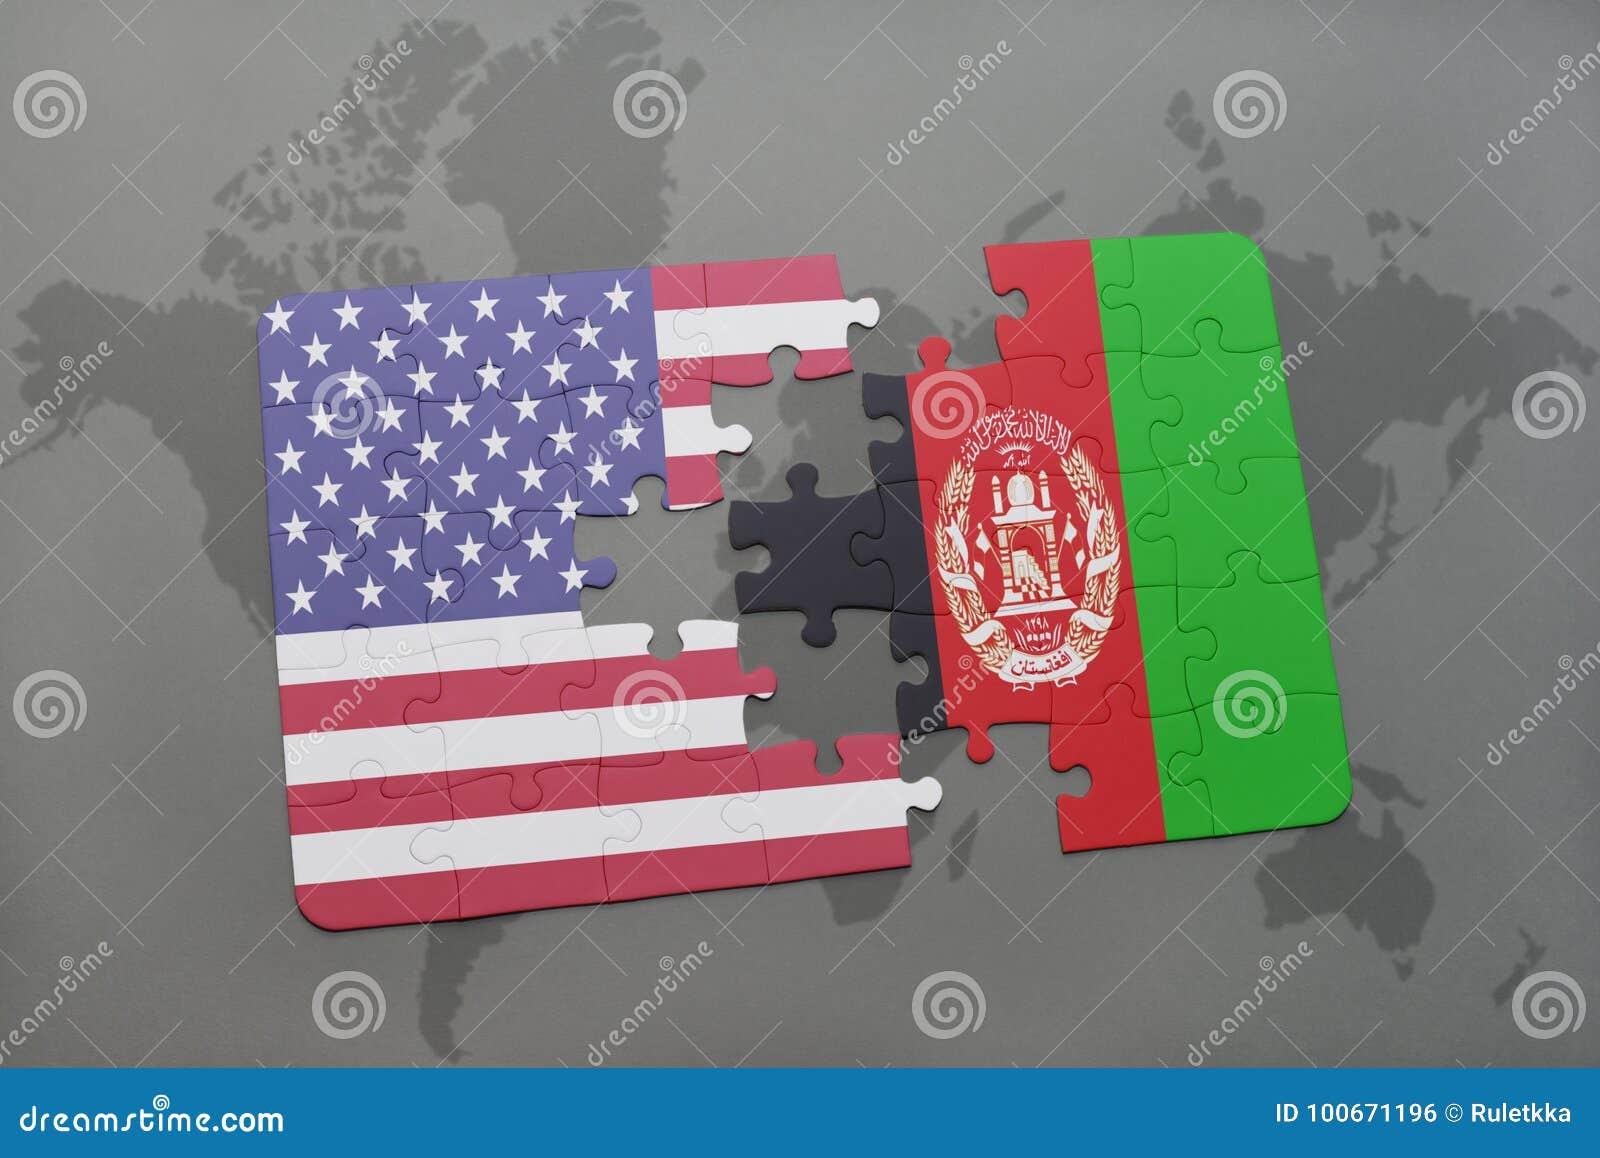 Ο γρίφος με τη εθνική σημαία των Ηνωμένων Πολιτειών της Αμερικής και το Αφγανιστάν σε έναν κόσμο χαρτογραφούν το υπόβαθρο